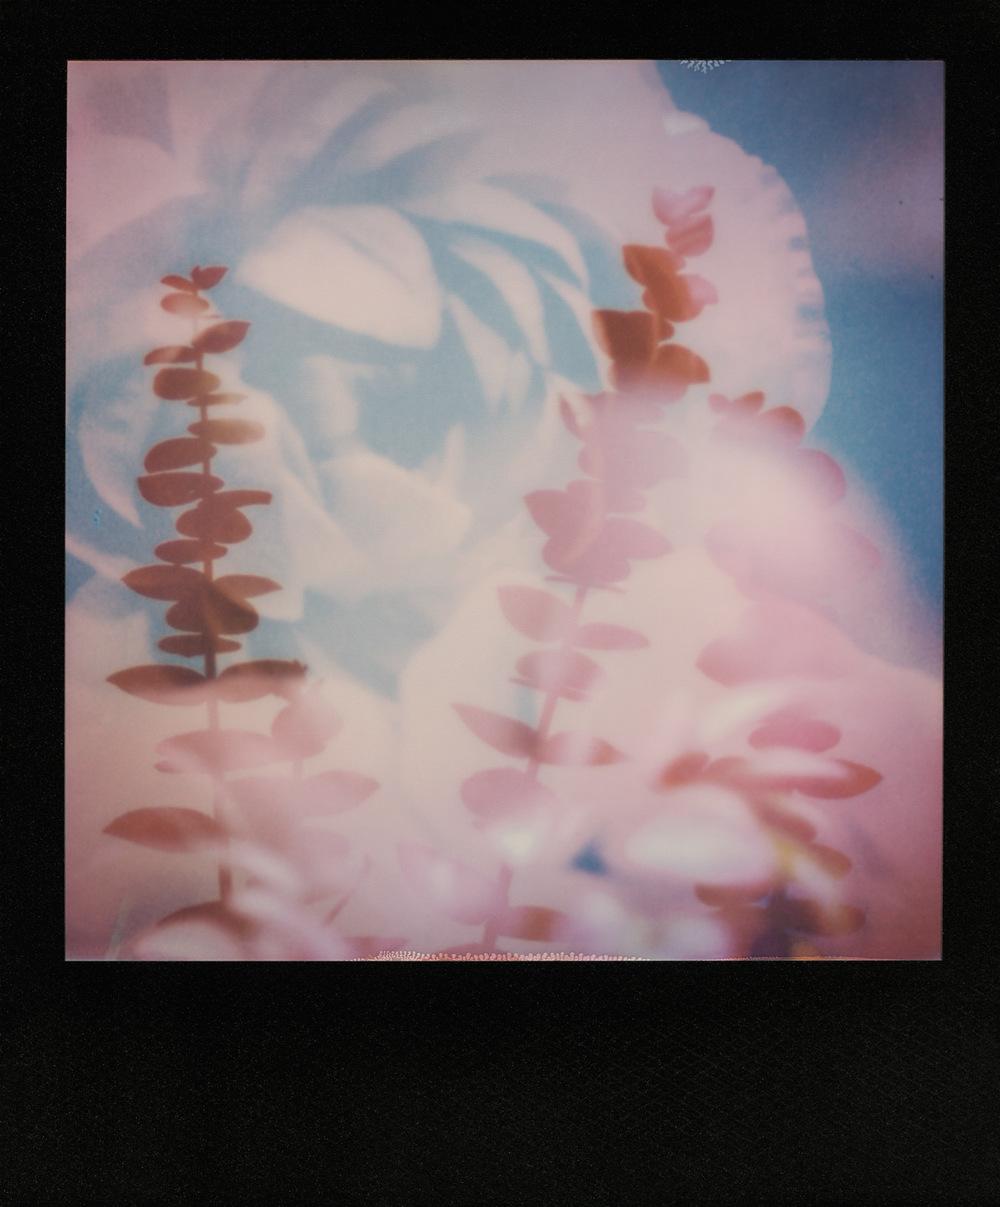 pola_ranunculus_eucalyptus_1500px.jpg